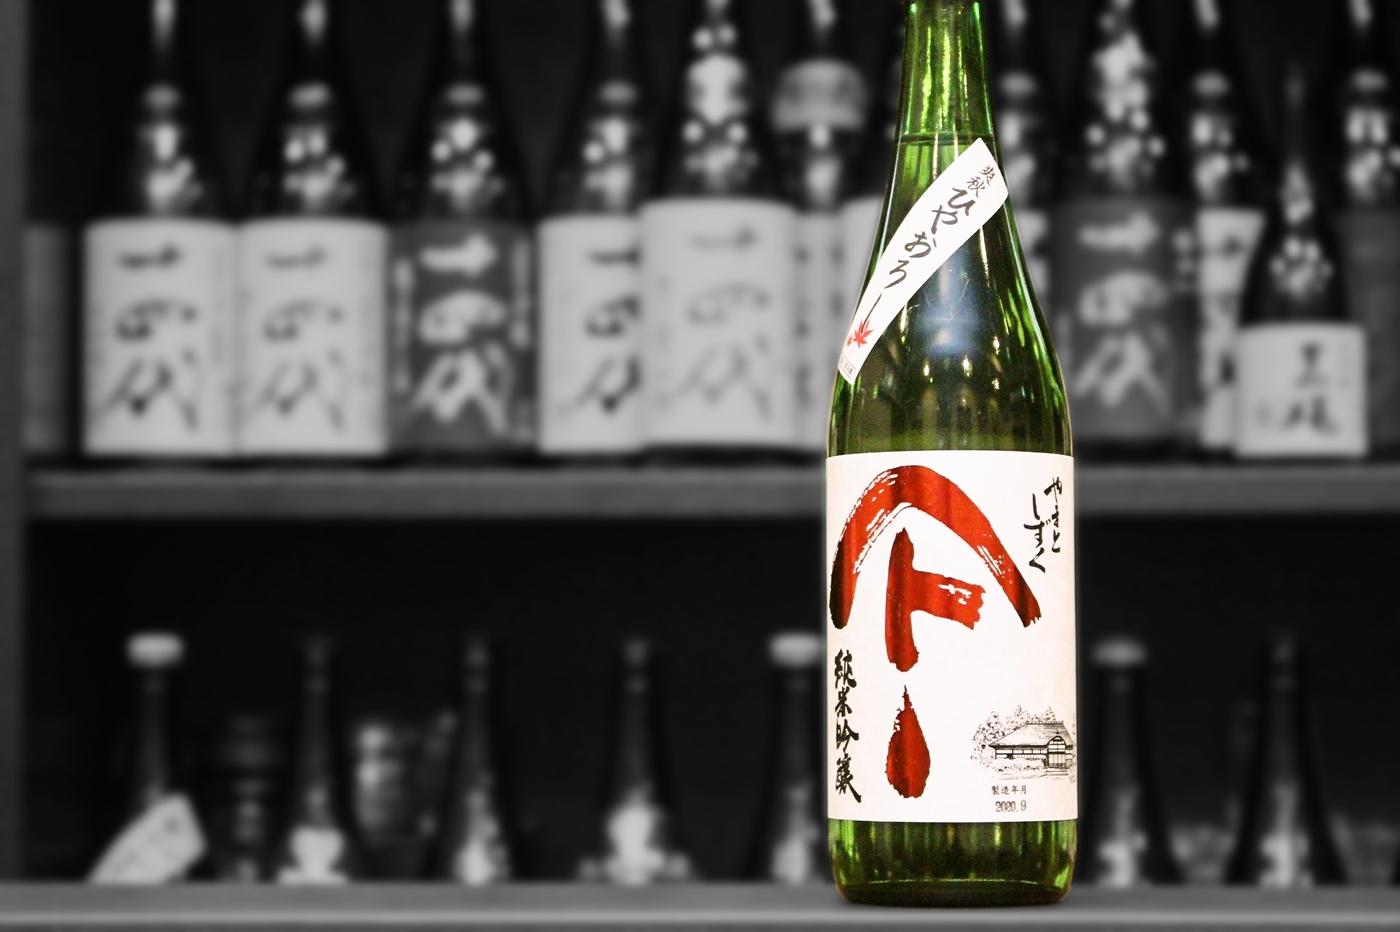 やまとしずく純米吟醸ひやおろし202009-001